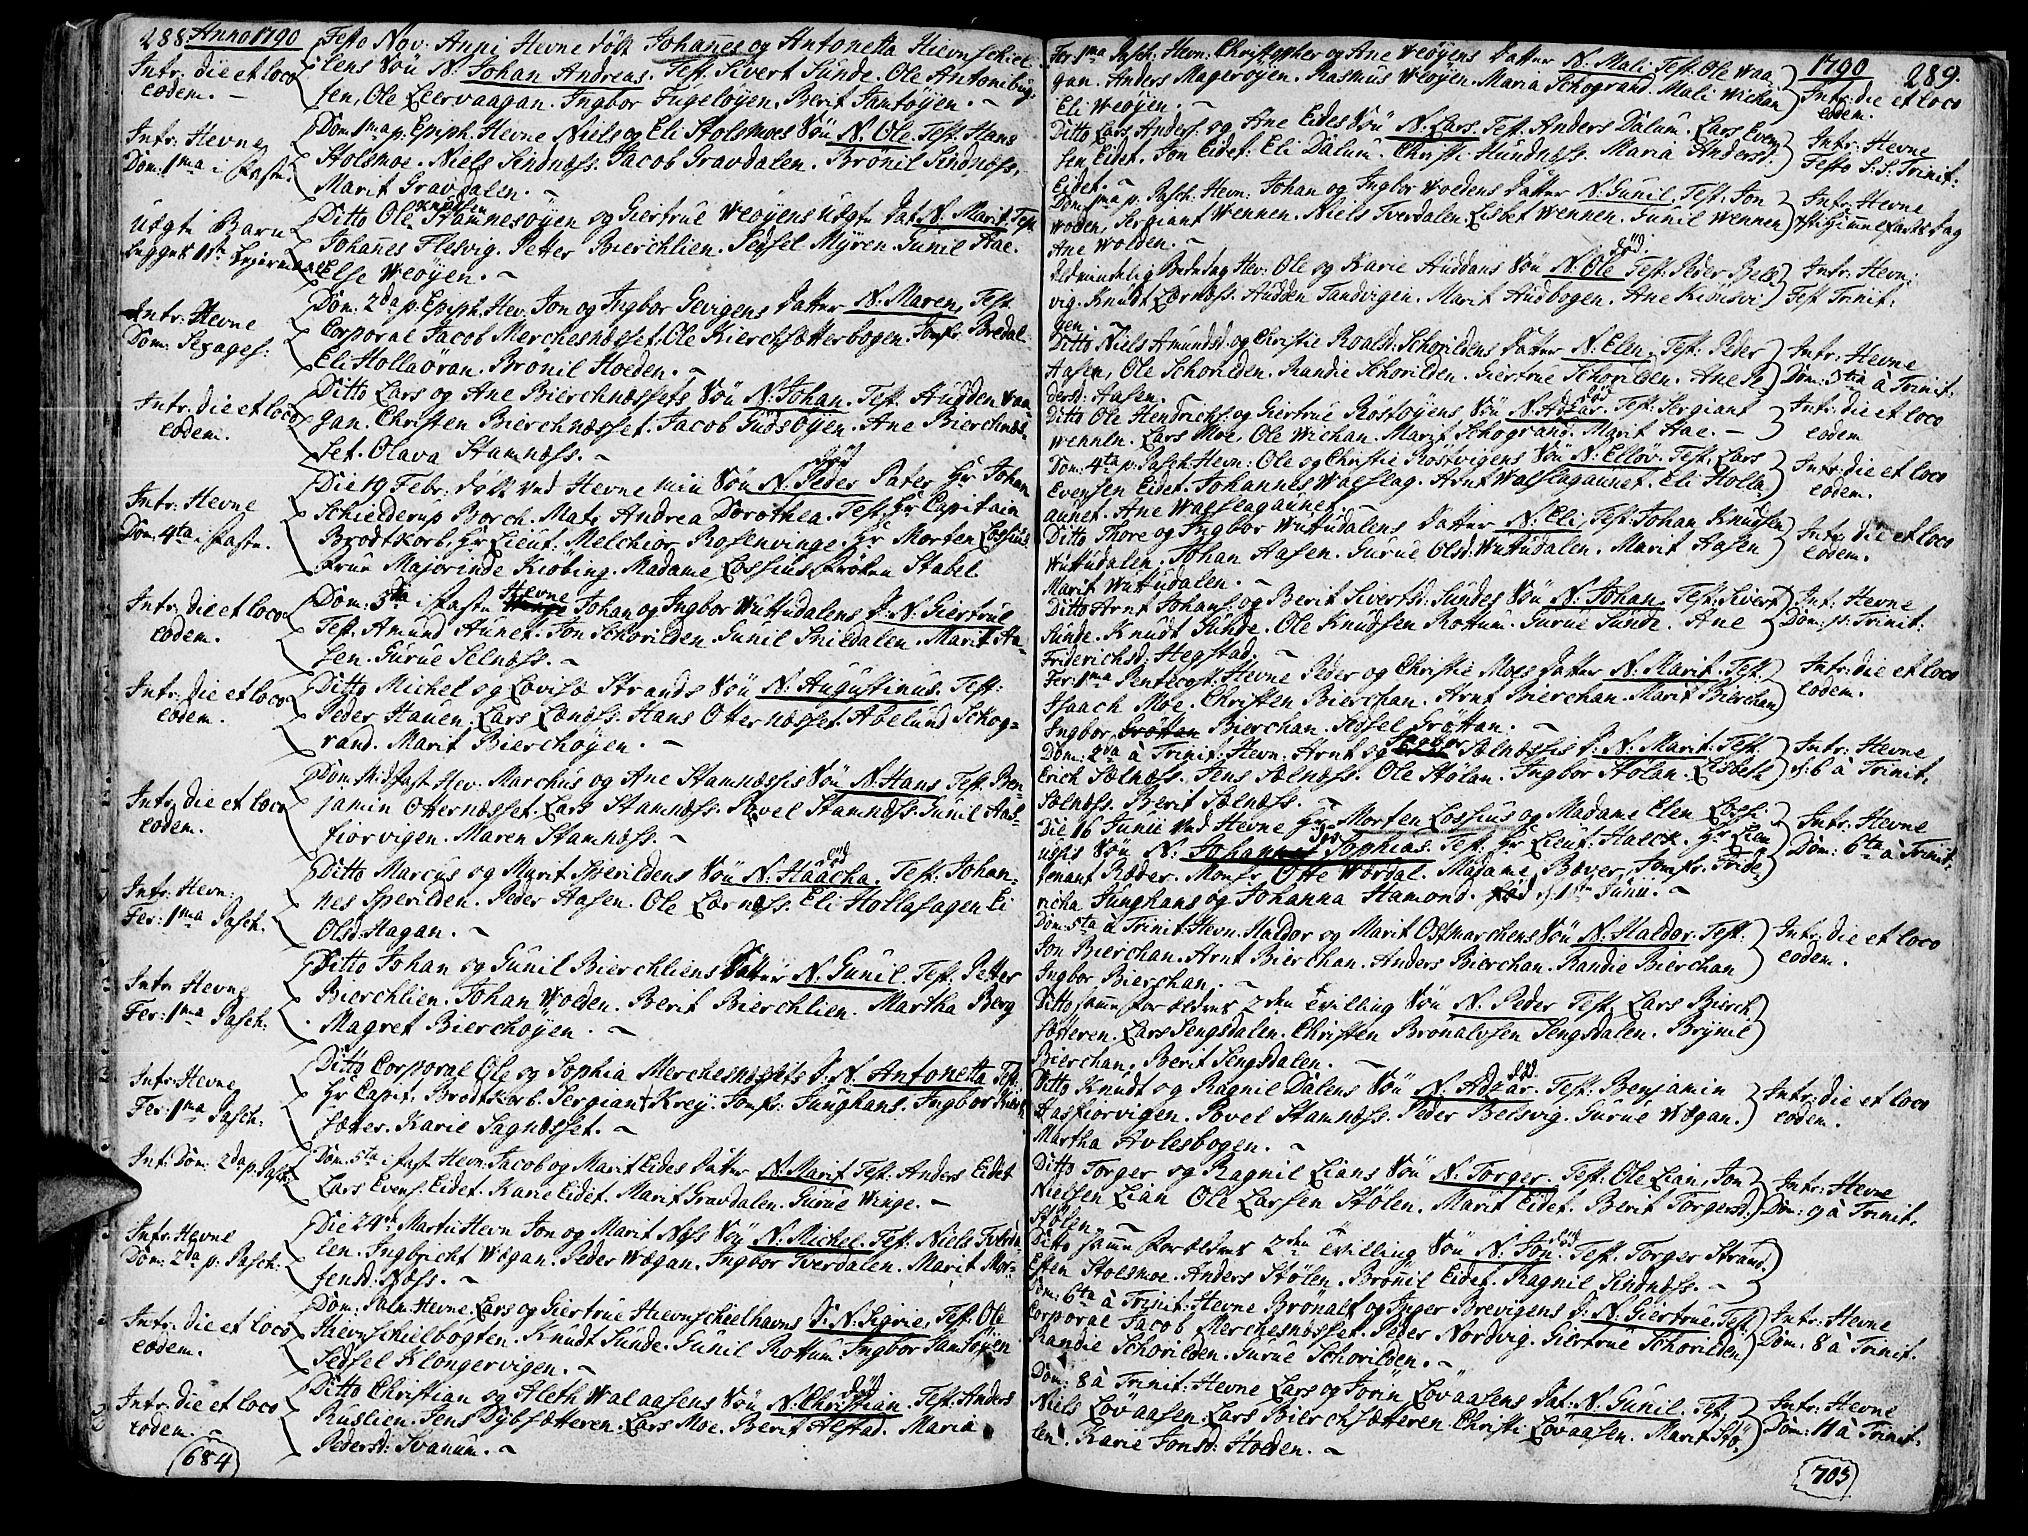 SAT, Ministerialprotokoller, klokkerbøker og fødselsregistre - Sør-Trøndelag, 630/L0489: Ministerialbok nr. 630A02, 1757-1794, s. 288-289